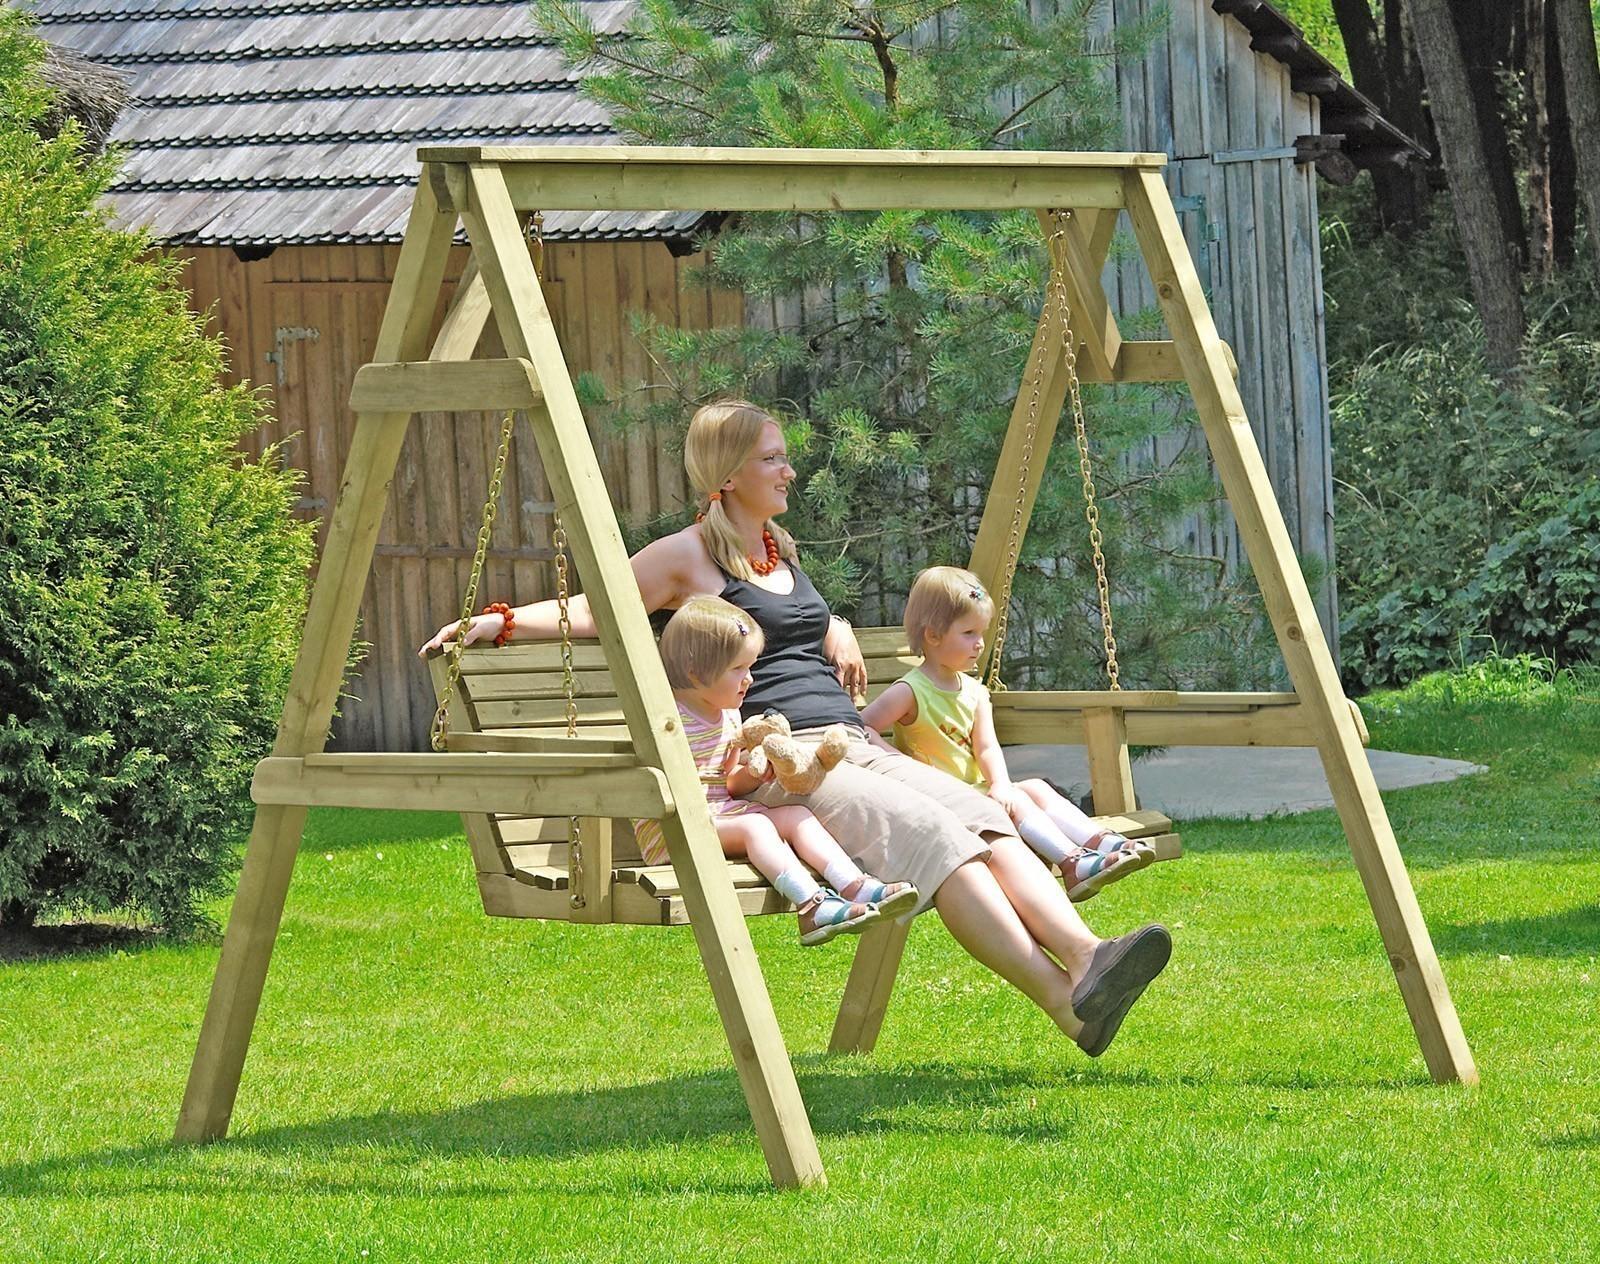 Full Size of Gartenschaukel Erwachsene Hollywoodschaukel Holz 190x164x198 Cm Bei Wohnzimmer Gartenschaukel Erwachsene